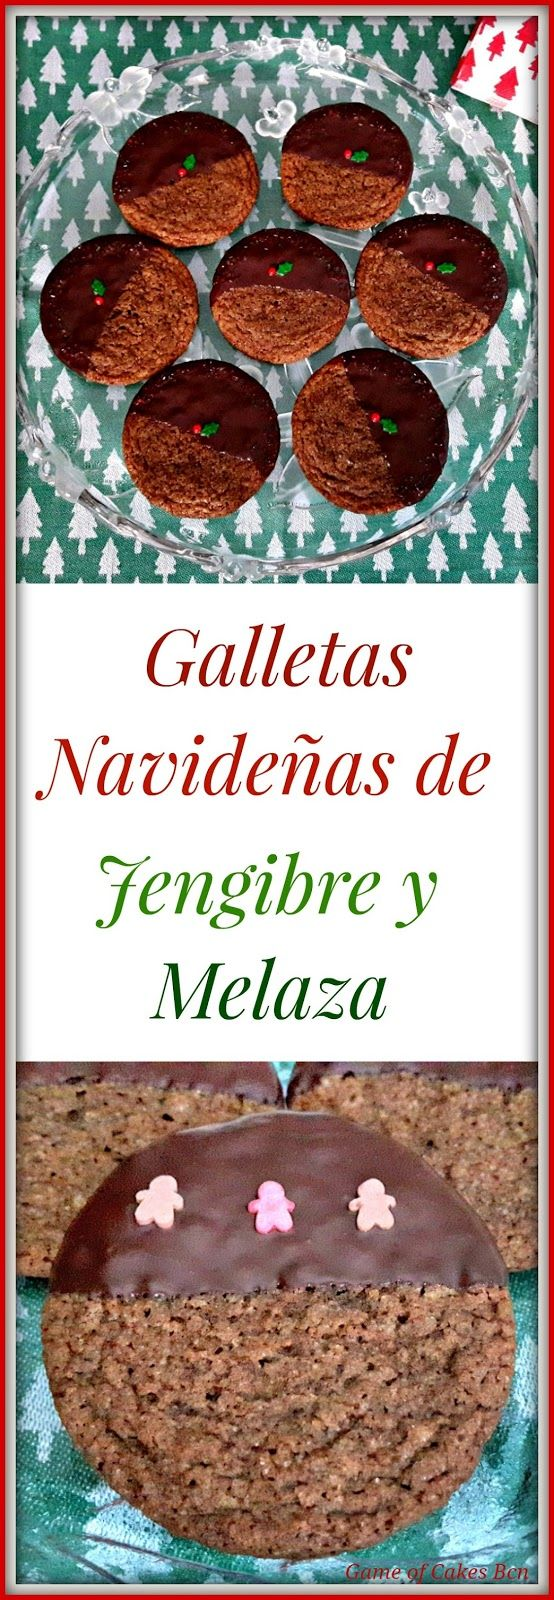 Galletas de Jengibre y melaza. Galletas para navidad. #receta #galletas #navidad #jengibre